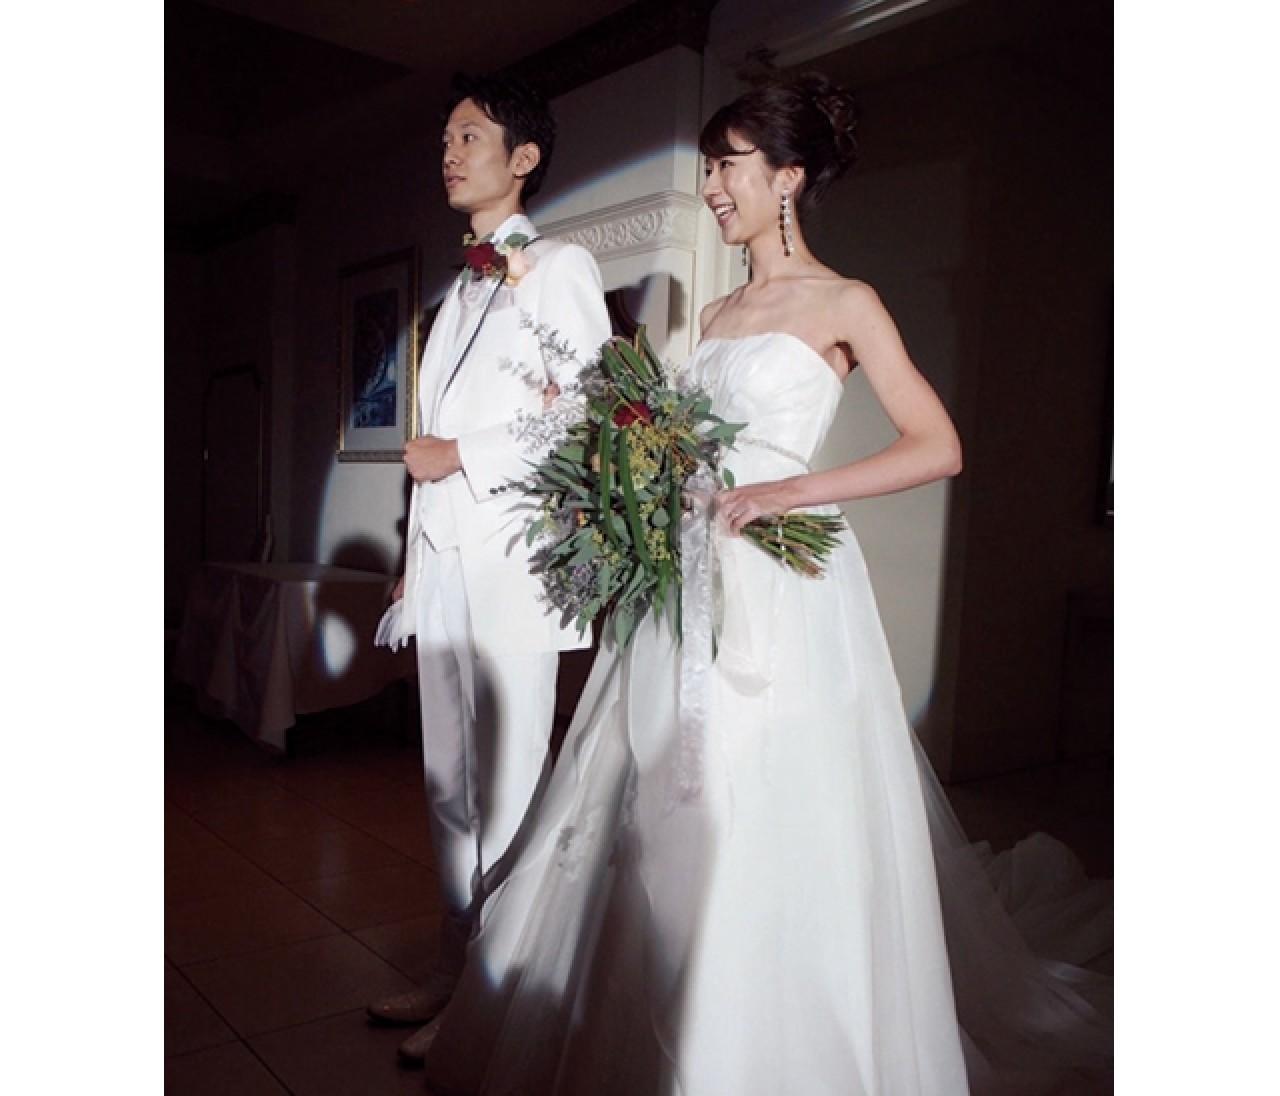 【スーパーバイラーズの花嫁ルポ】10年たっても絶対素敵な花嫁姿を拝見!